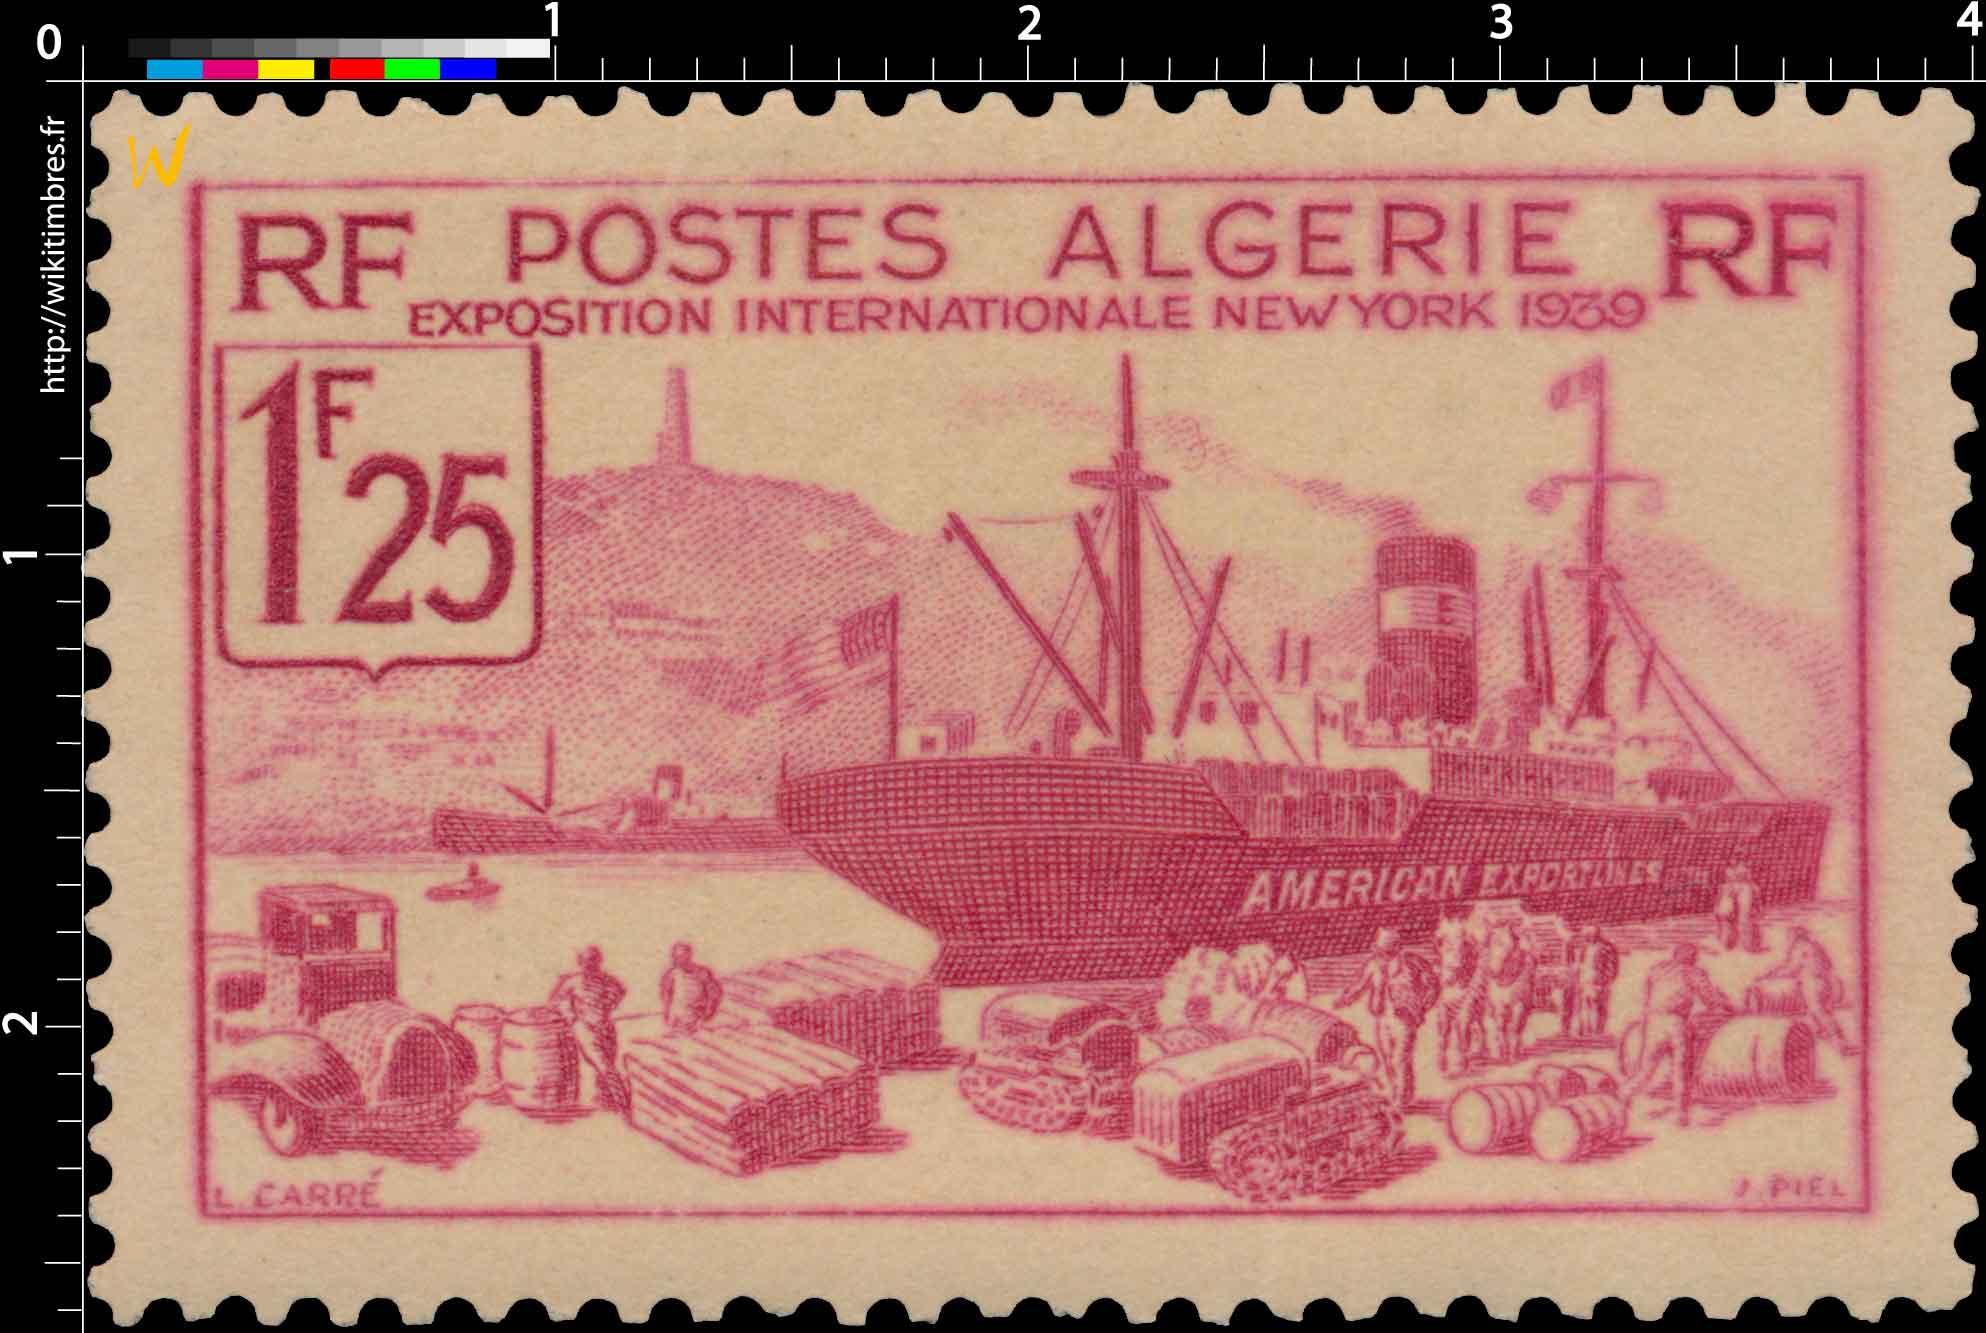 Algérie - Exposition internationale de New-York